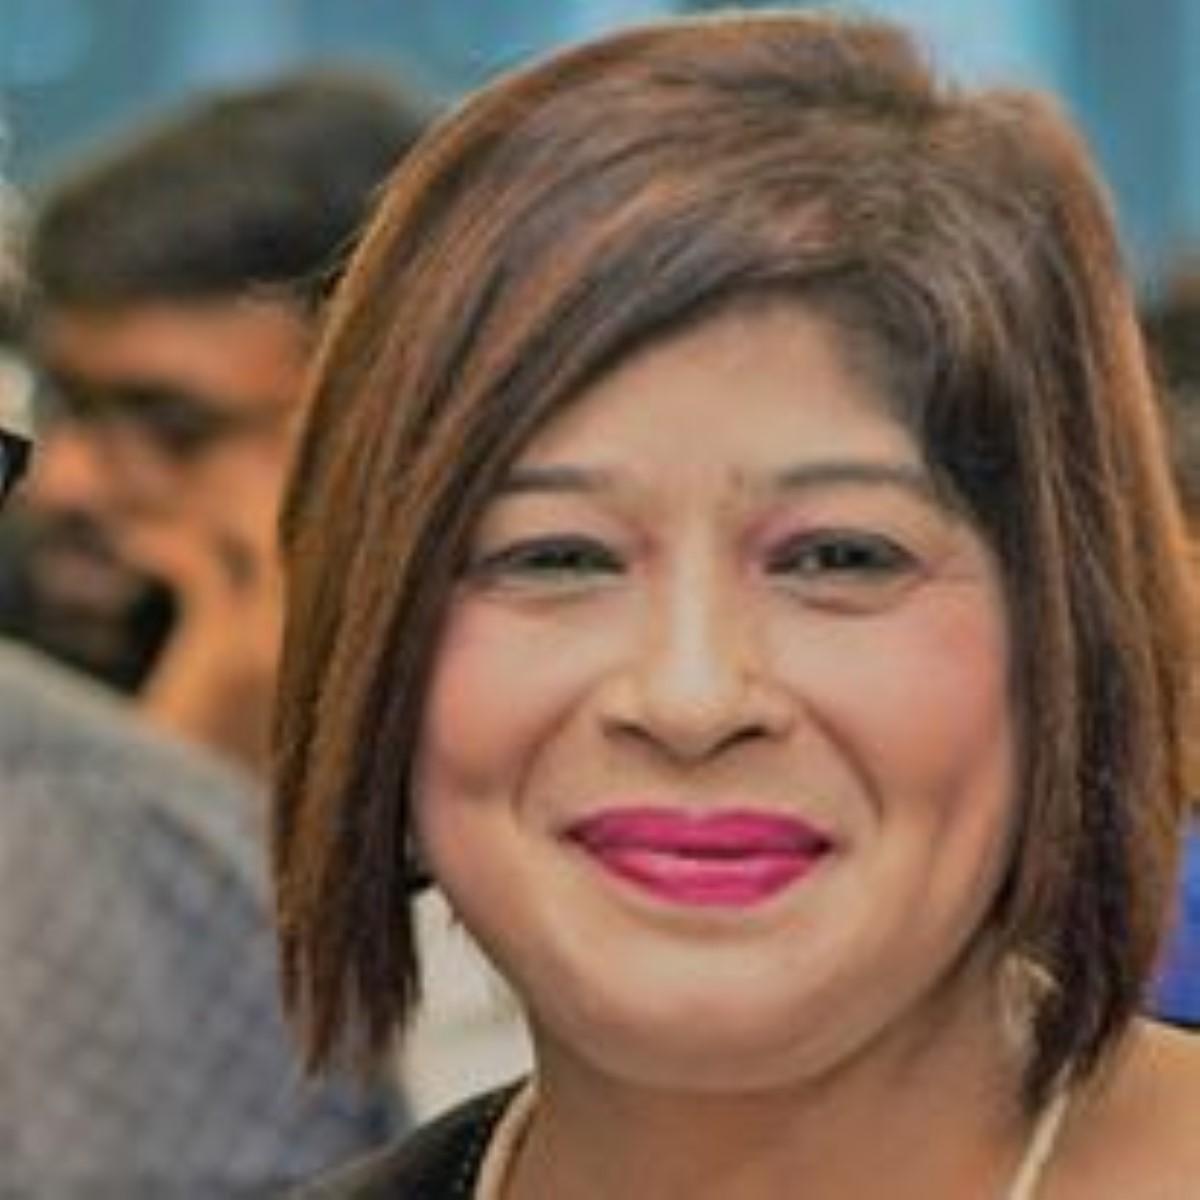 Dorina Prayag retourne à son poste de réceptionniste